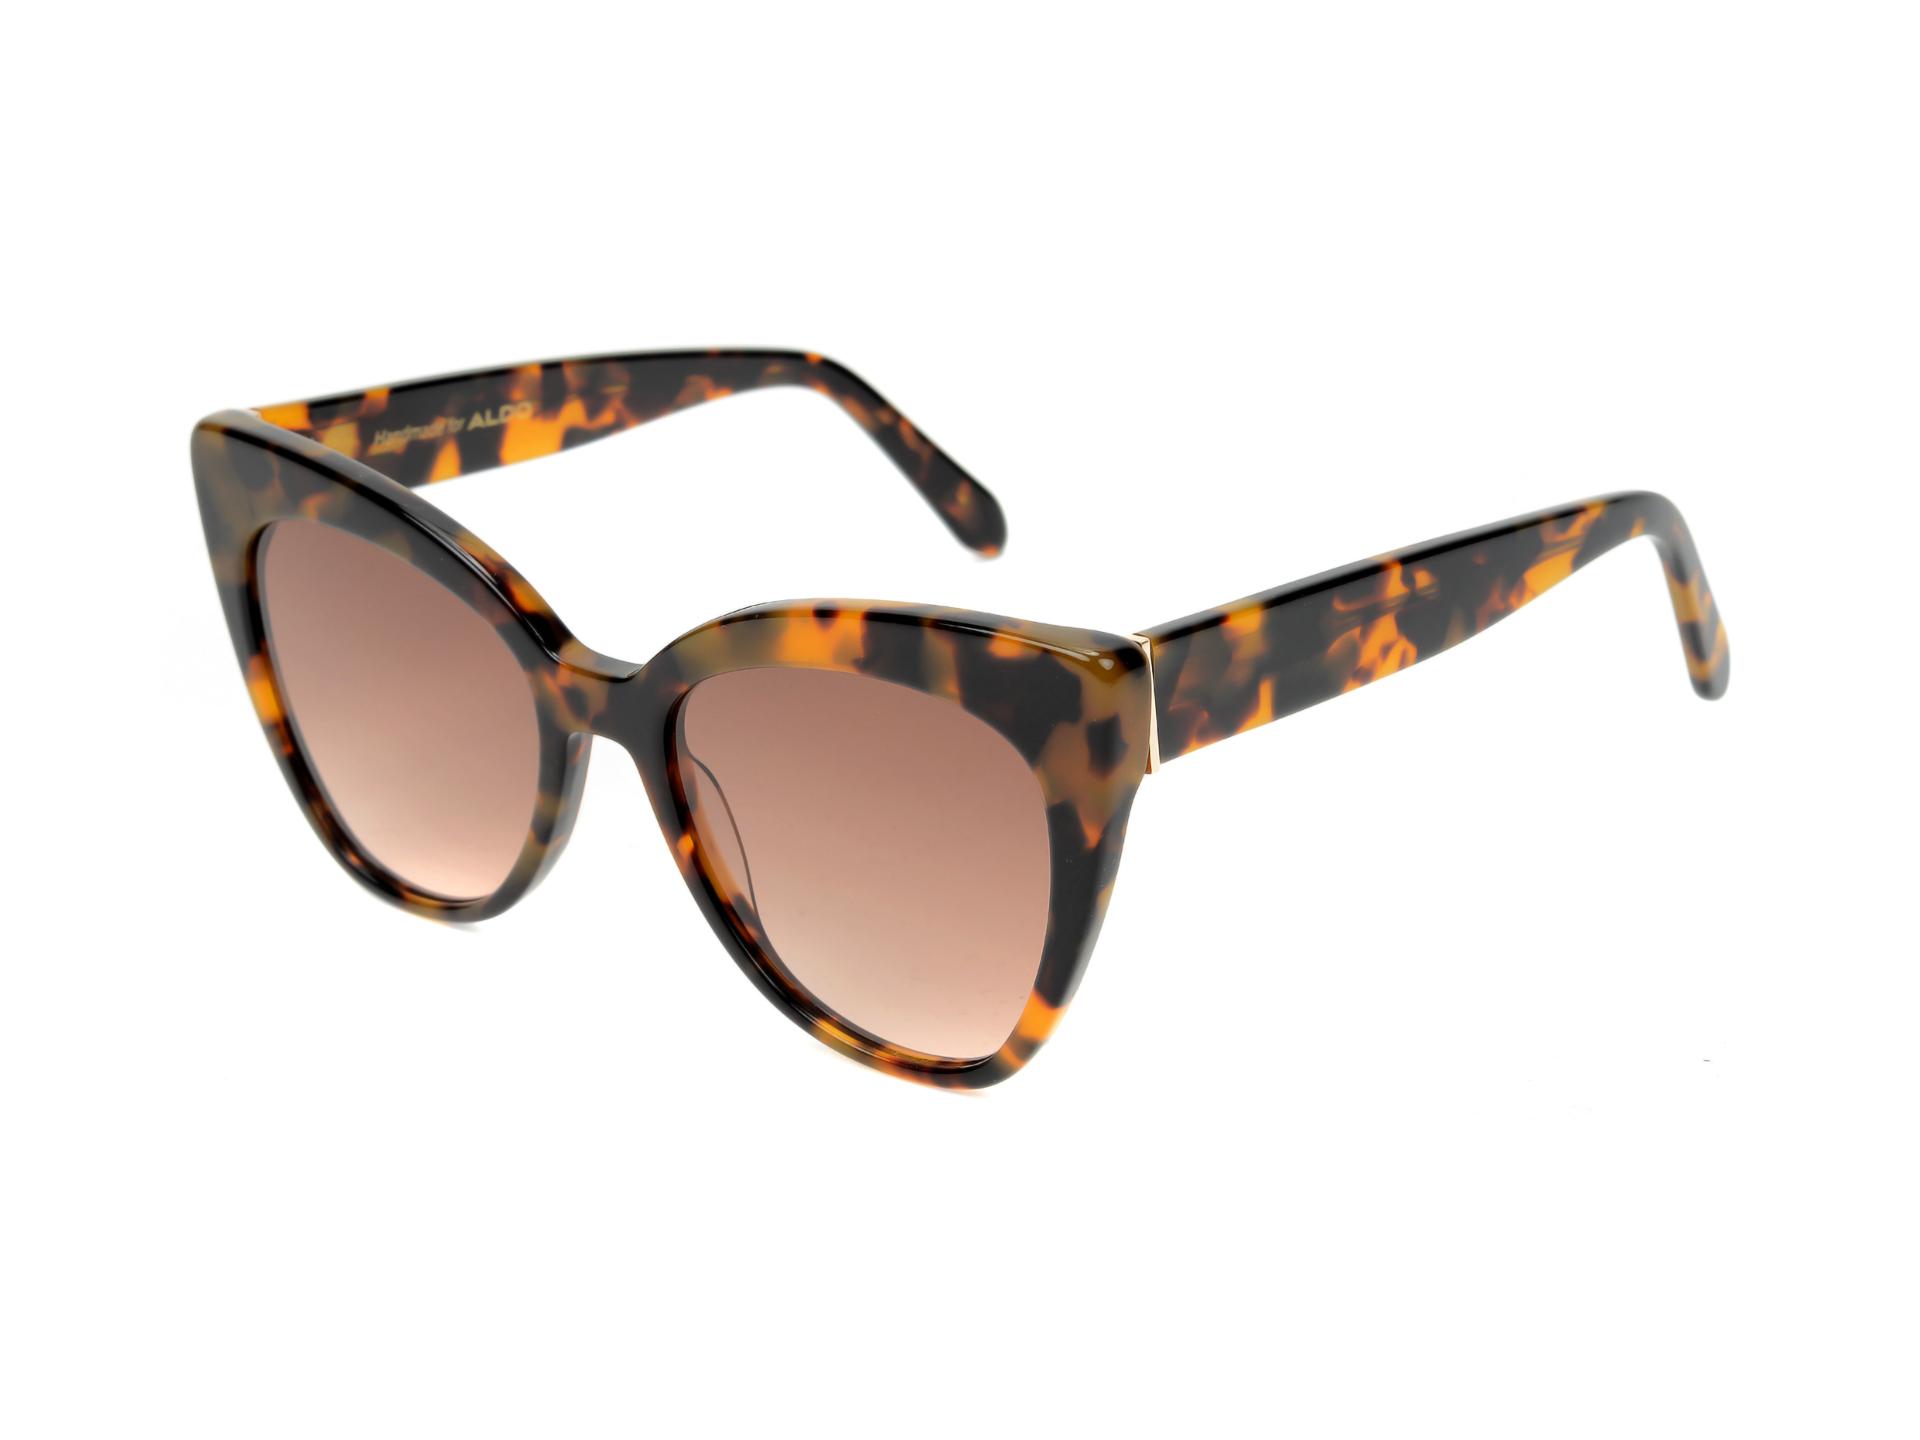 Ochelari de soare ALDO maro, Denola240, din PVC New